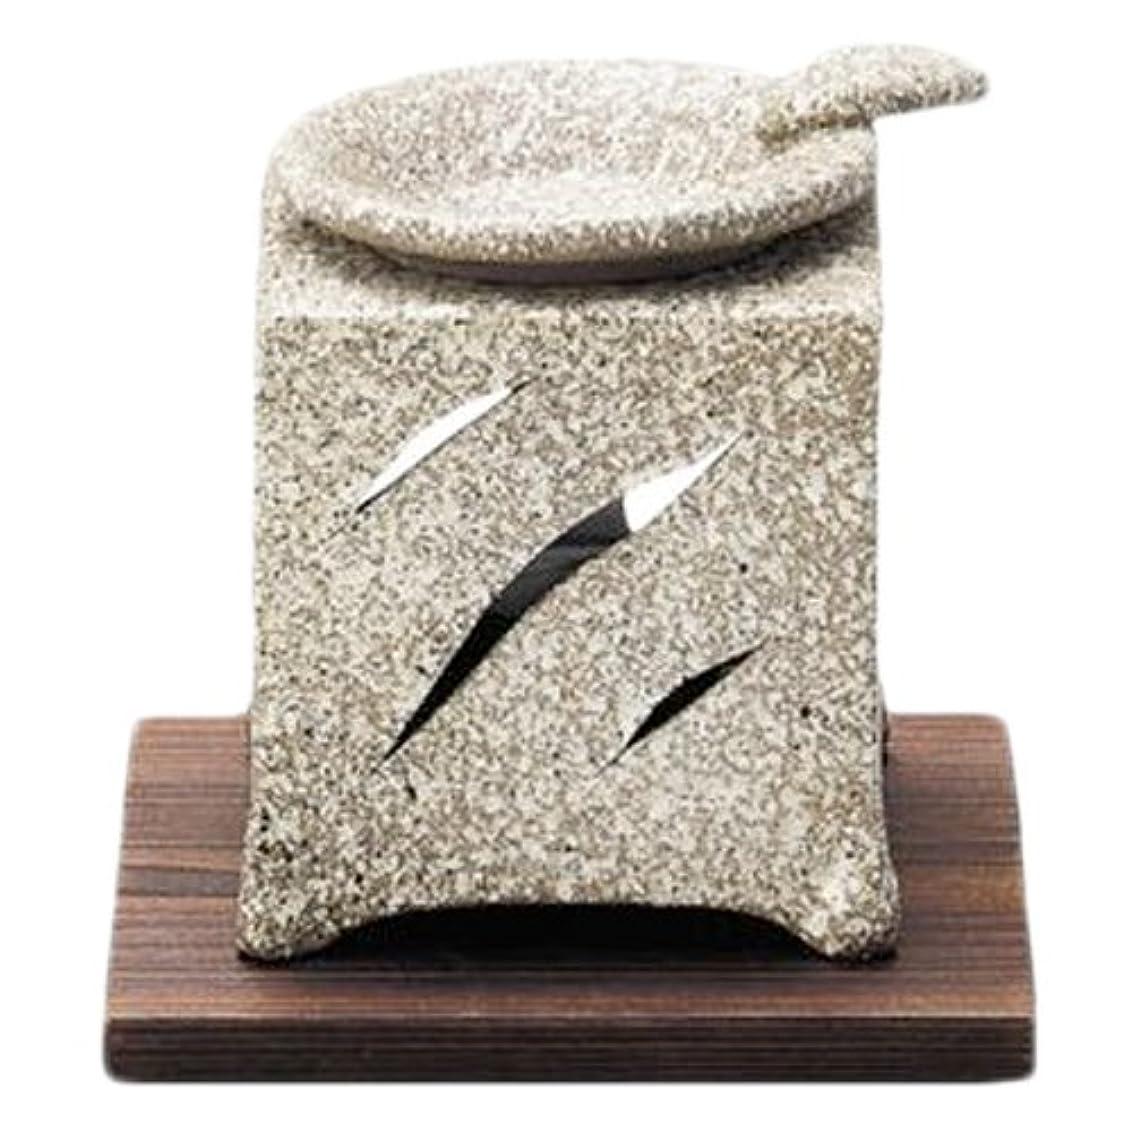 ボイラー宝コットン常滑焼5-261山房 石風角形茶香炉 AM-T1054